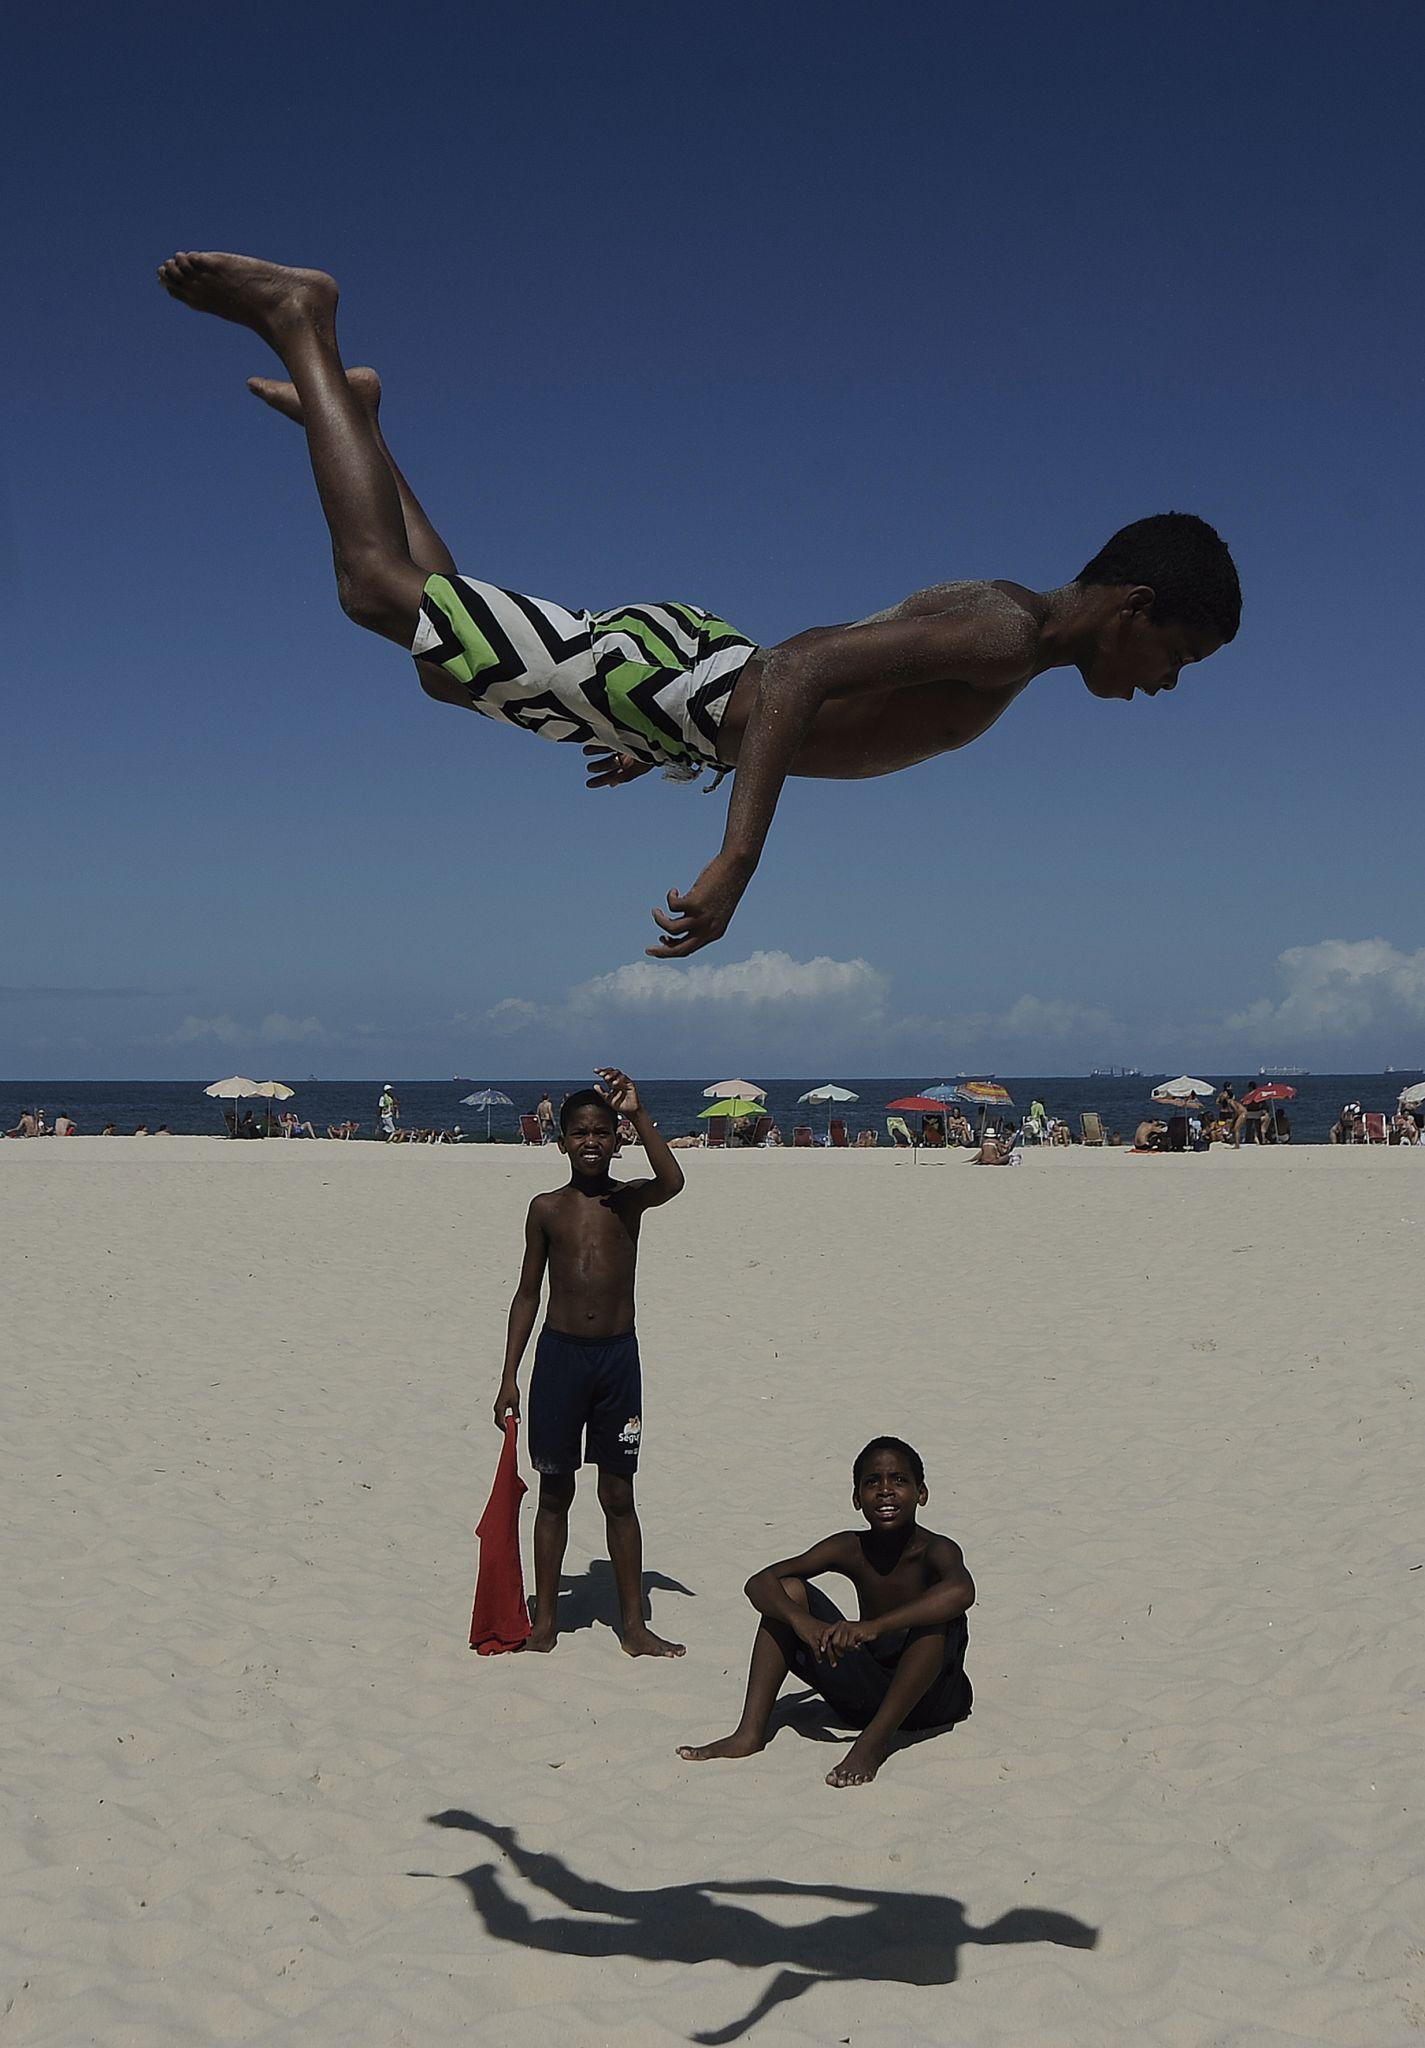 Fabio Teixeira. Salto em Copacabana (menino brinca de saltar na praia de Copacabana, Zona Sul da cidade do Rio de Janeiro), 2013. Col. do artista